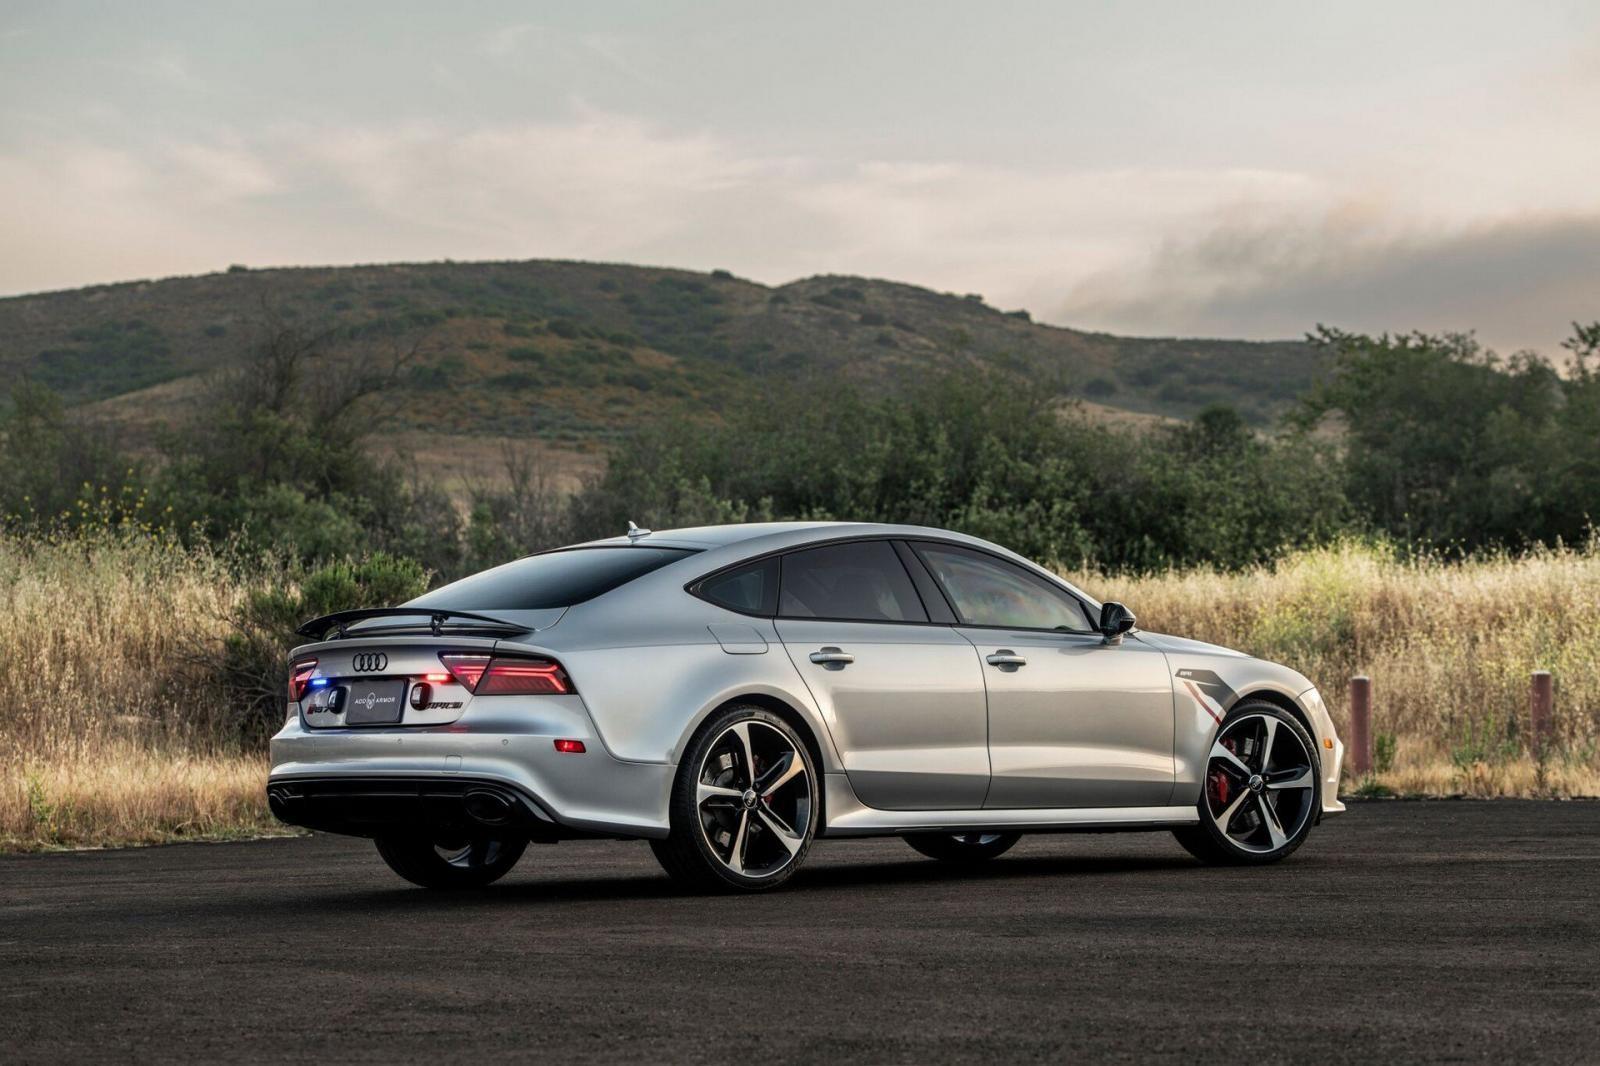 Nó vốn được chế tạo dựa trên một chiếc Audi RS7 Sportback với động cơ độ